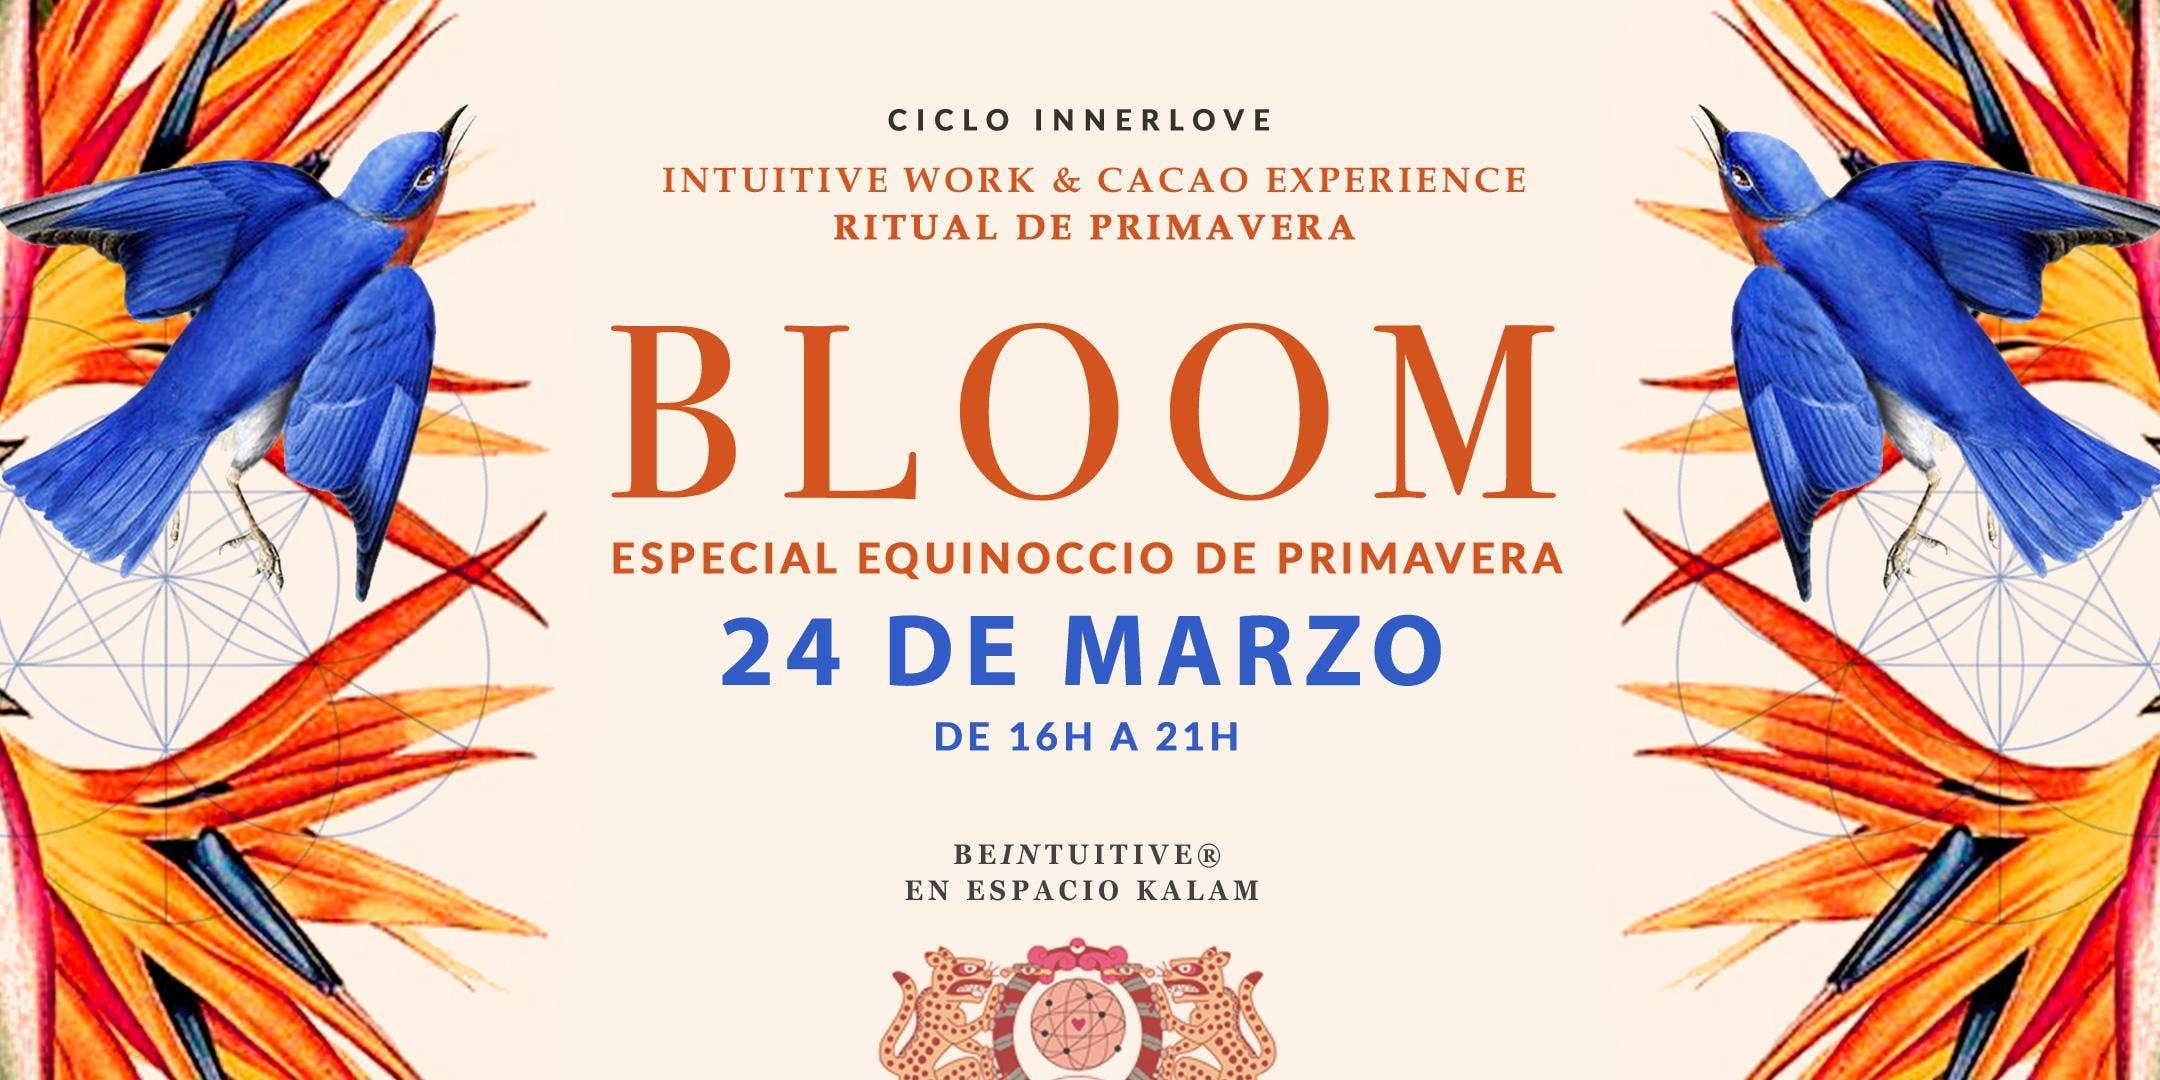 BLOOM WORKSHOP: Impulso, Intuición y Propósit